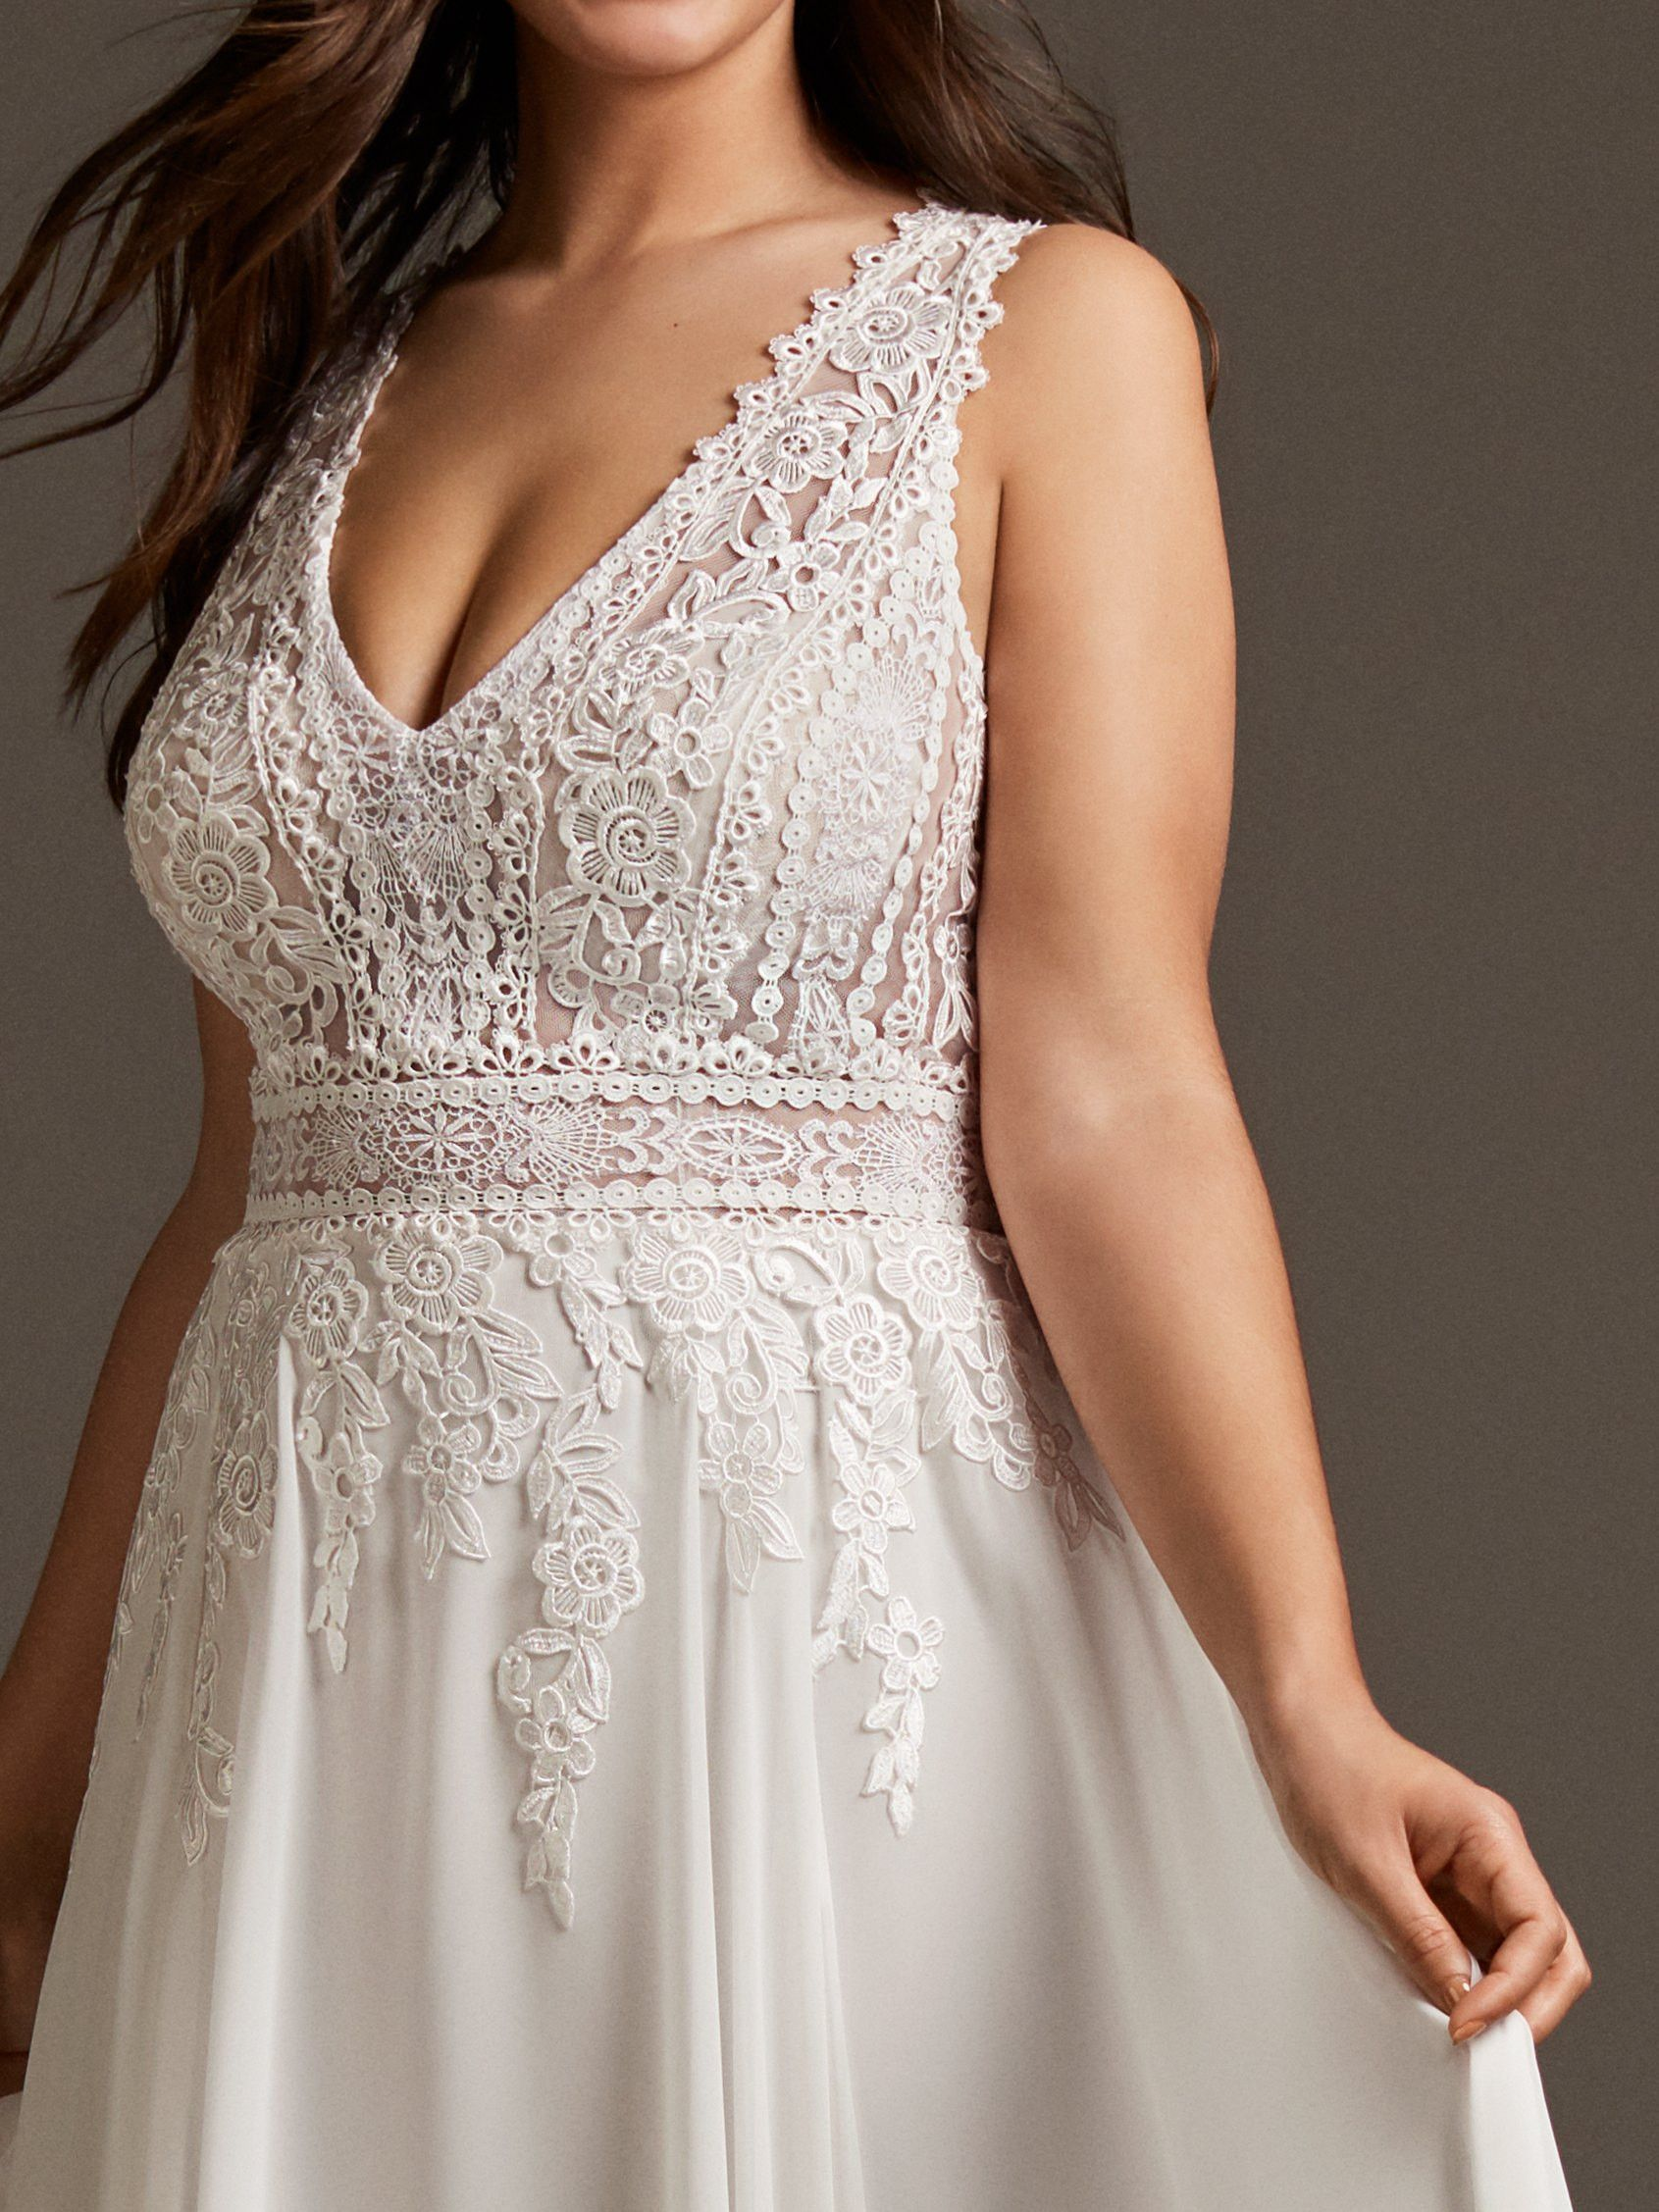 Try It On At Ellie S Bridal Boutique Alexandria Va Pronovias Comet Plus Size Bridal Dresses Unusual Dresses Wedding Dresses [ 2255 x 1691 Pixel ]